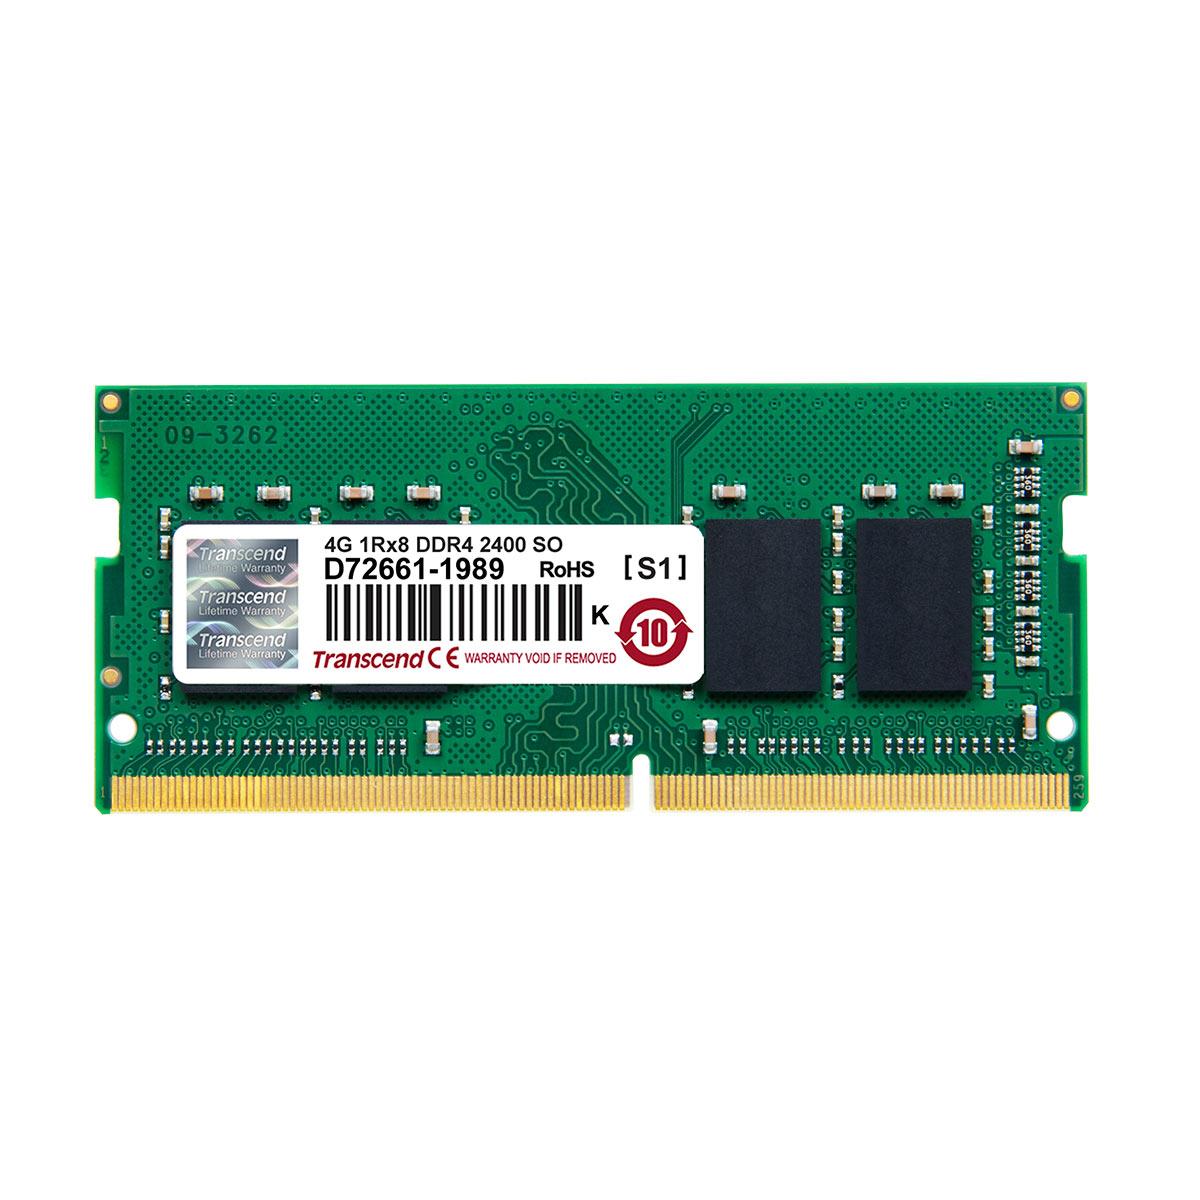 【4月25日値下げしました】Transcend 増設メモリー 4GB ノートPC用 DDR4-2400 PC4-19200 SO-DIMM PCメモリ メモリーモジュール ノートパソコン用[JM2400HSH-4G]【ネコポス専用】【送料無料】